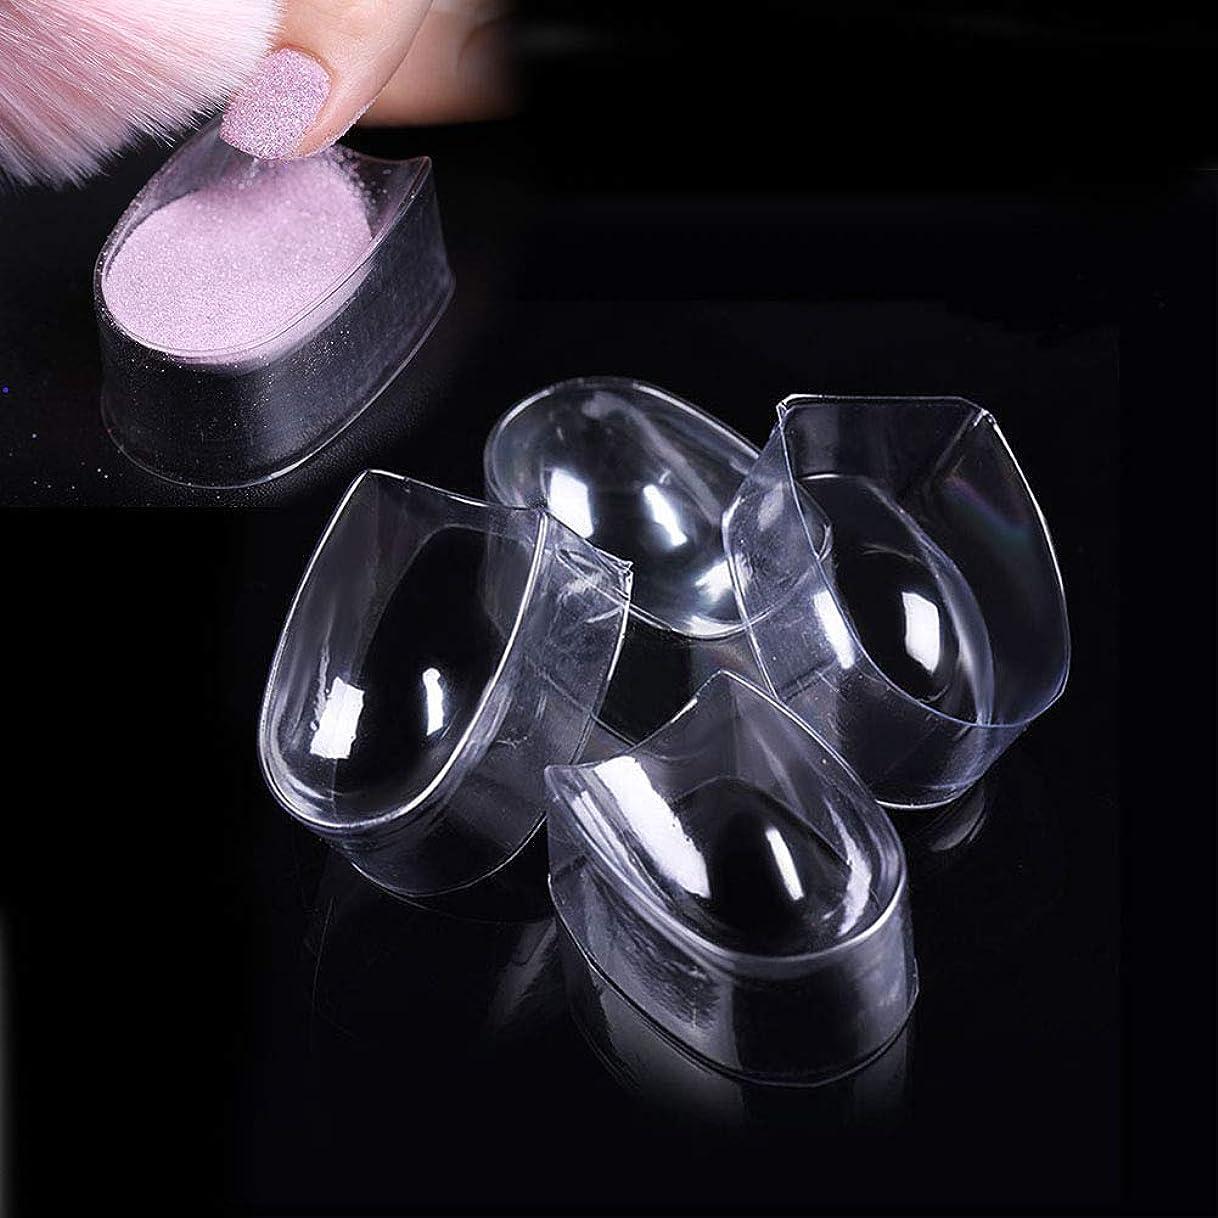 気まぐれなかける商品slQinjiansavネイルアート&ツール収納コンテナ5個透明ネイルチップディップパウダートレイ使い捨てマニキュアコンテナボックス